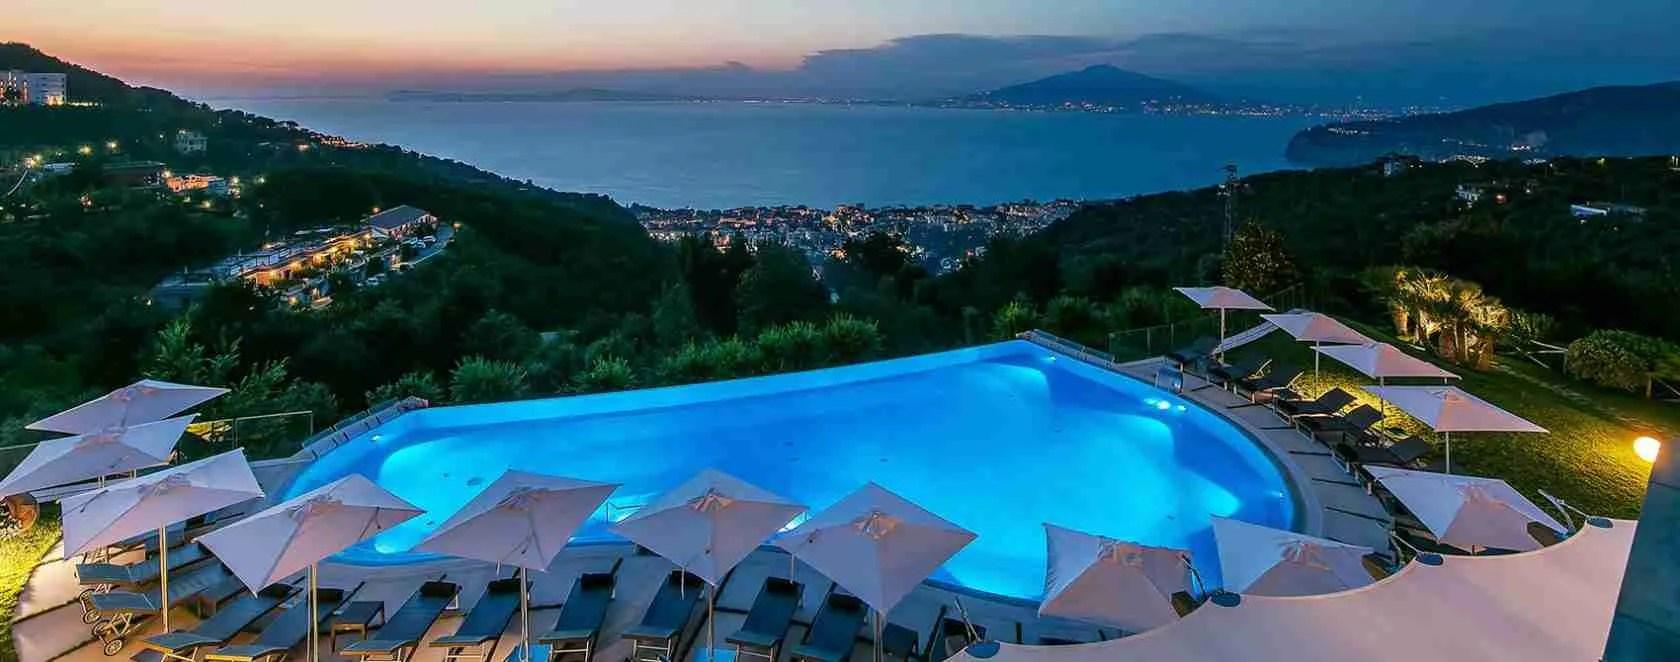 Per una notte di erotismo con una escort Sorrento ci sono tanti hotel di lusso a disposizione a Sorrento dove trascorrerla.